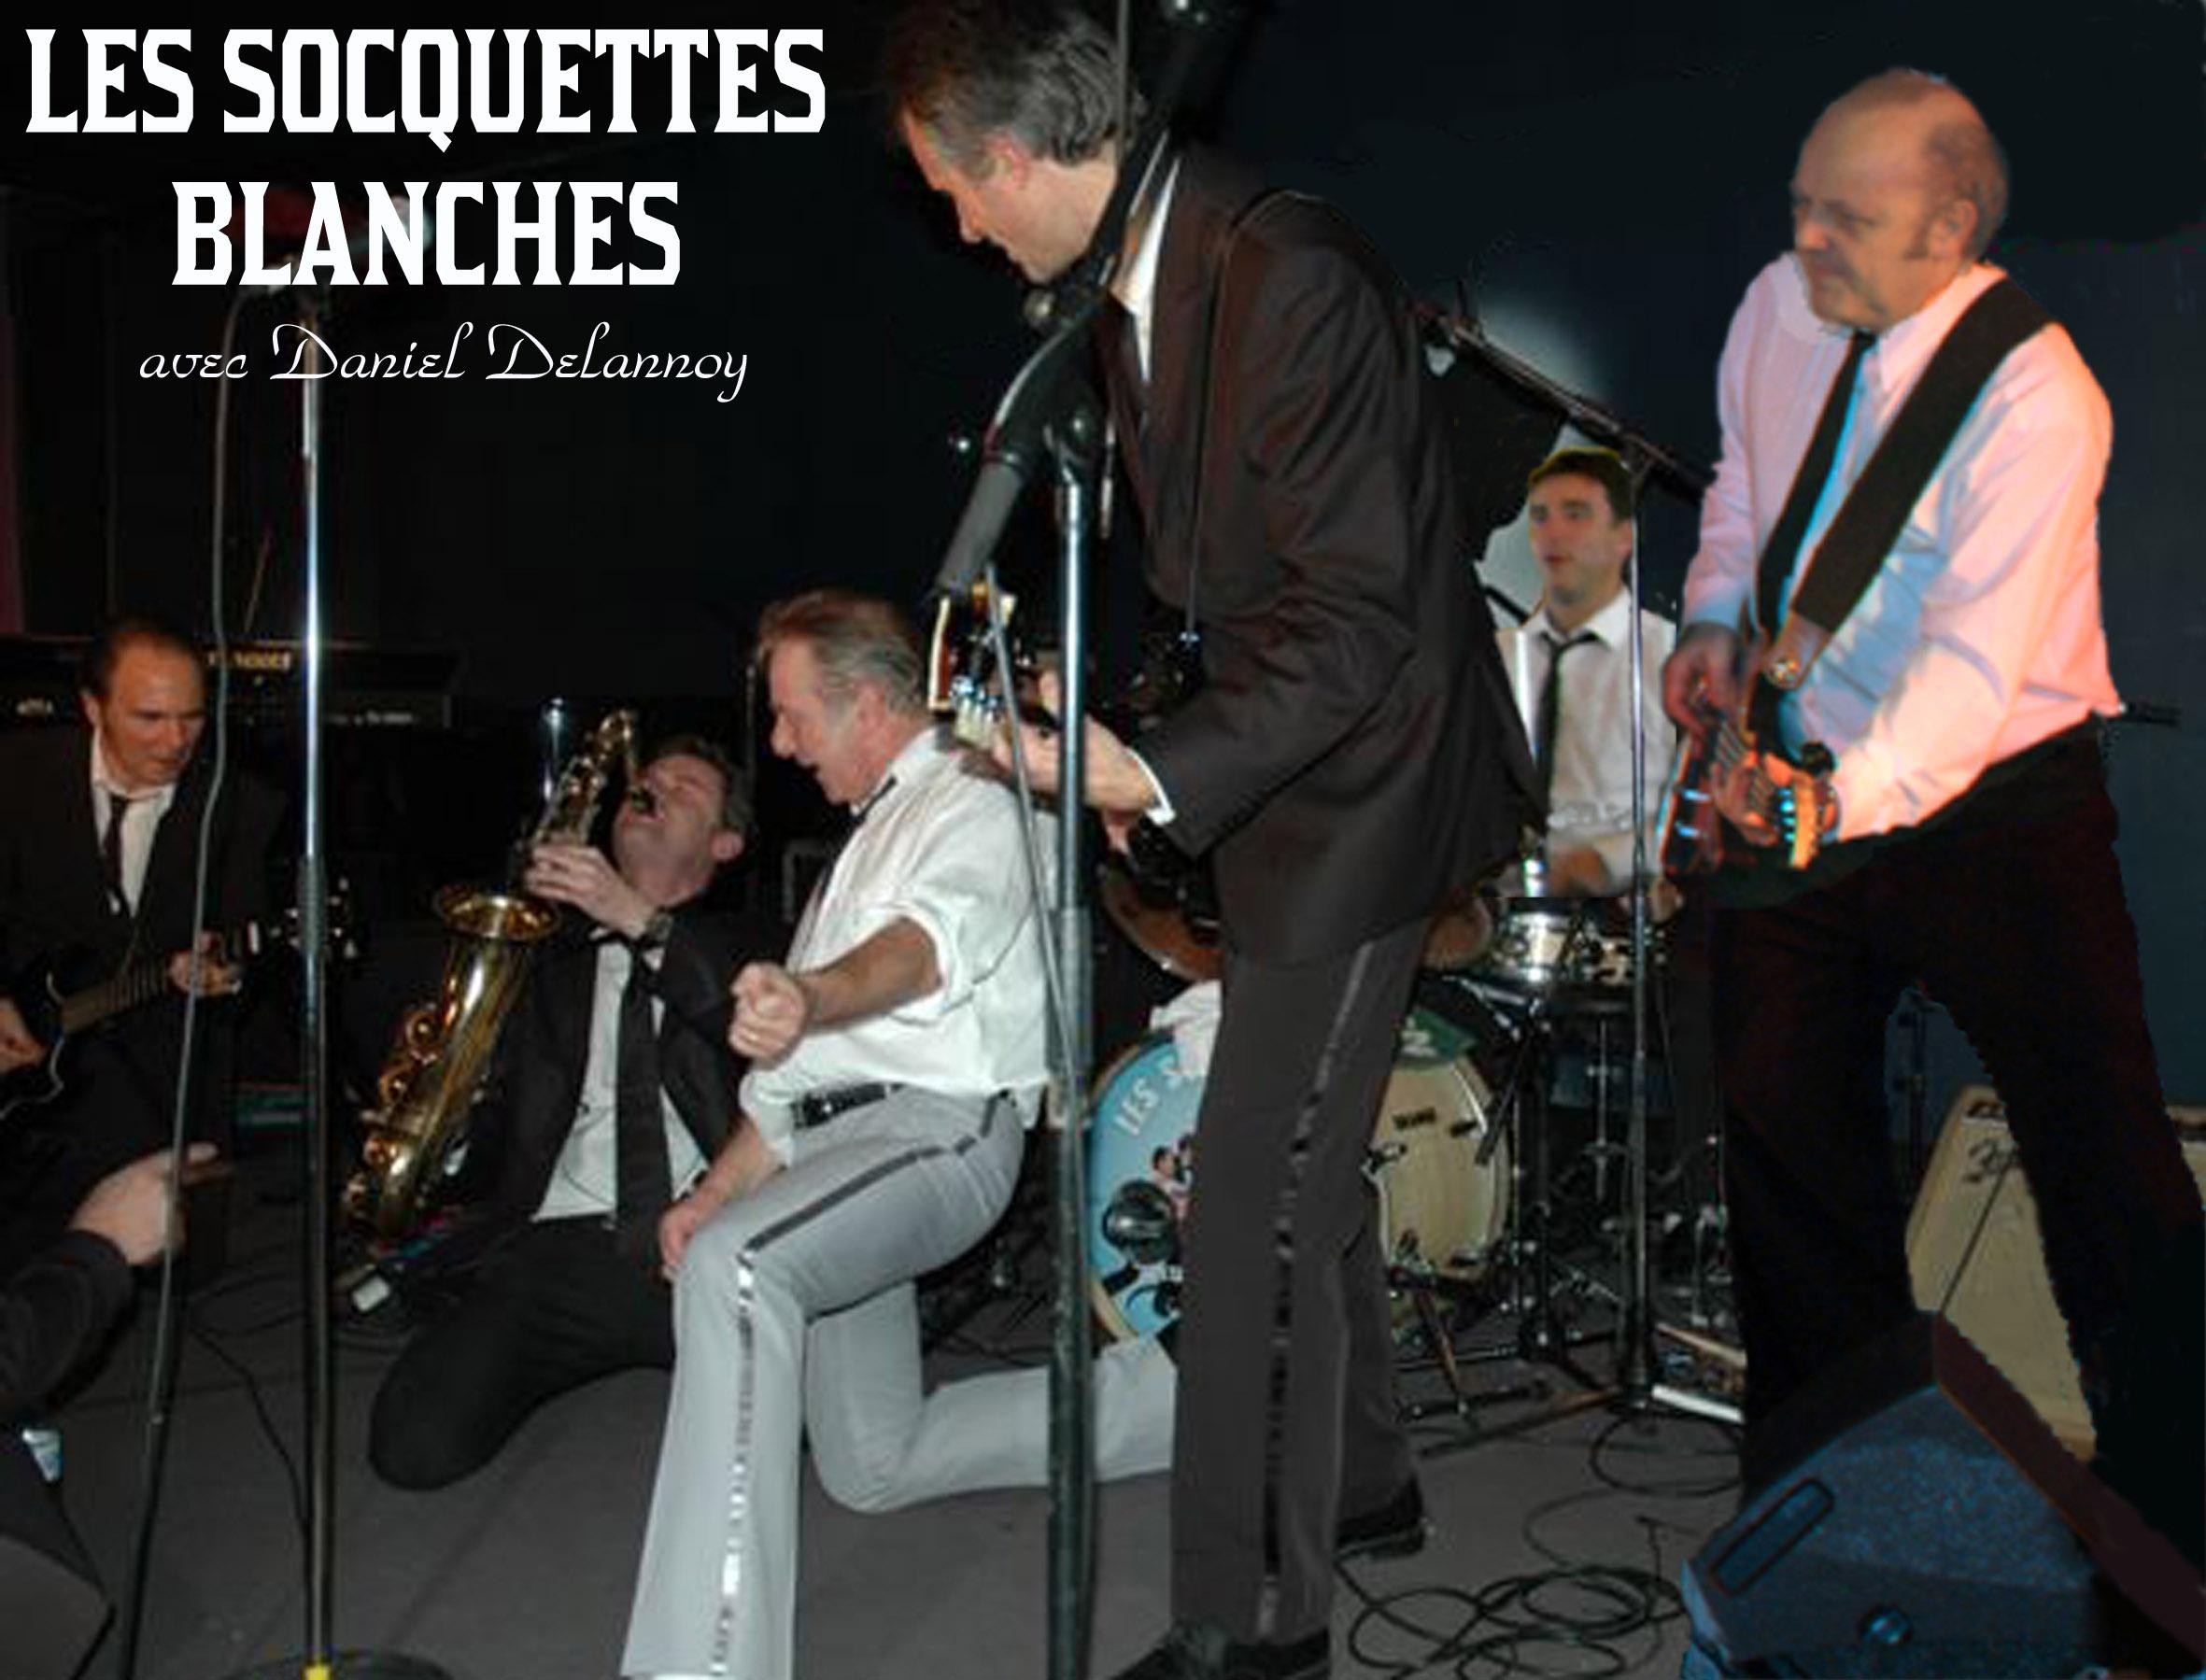 Les socquettes blanches programme des futurs concerts - Jazz meridien porte maillot programme ...